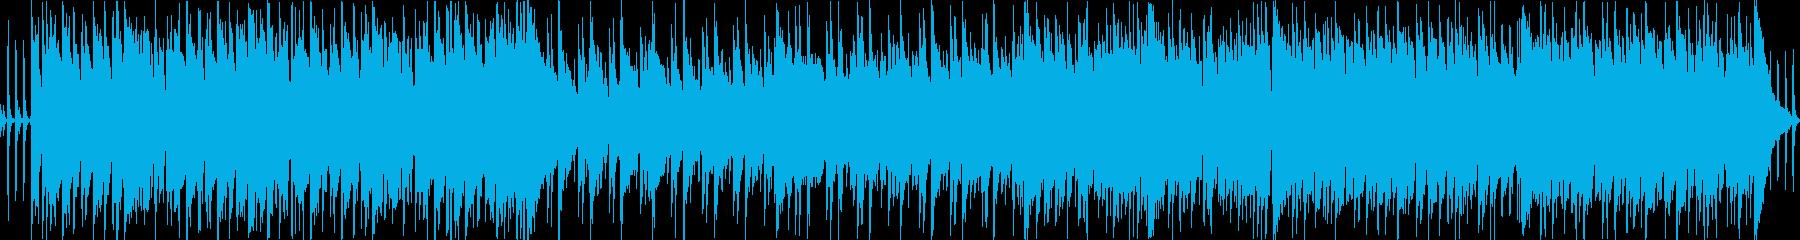 エレクトリックピアノのあるバー風BGMの再生済みの波形